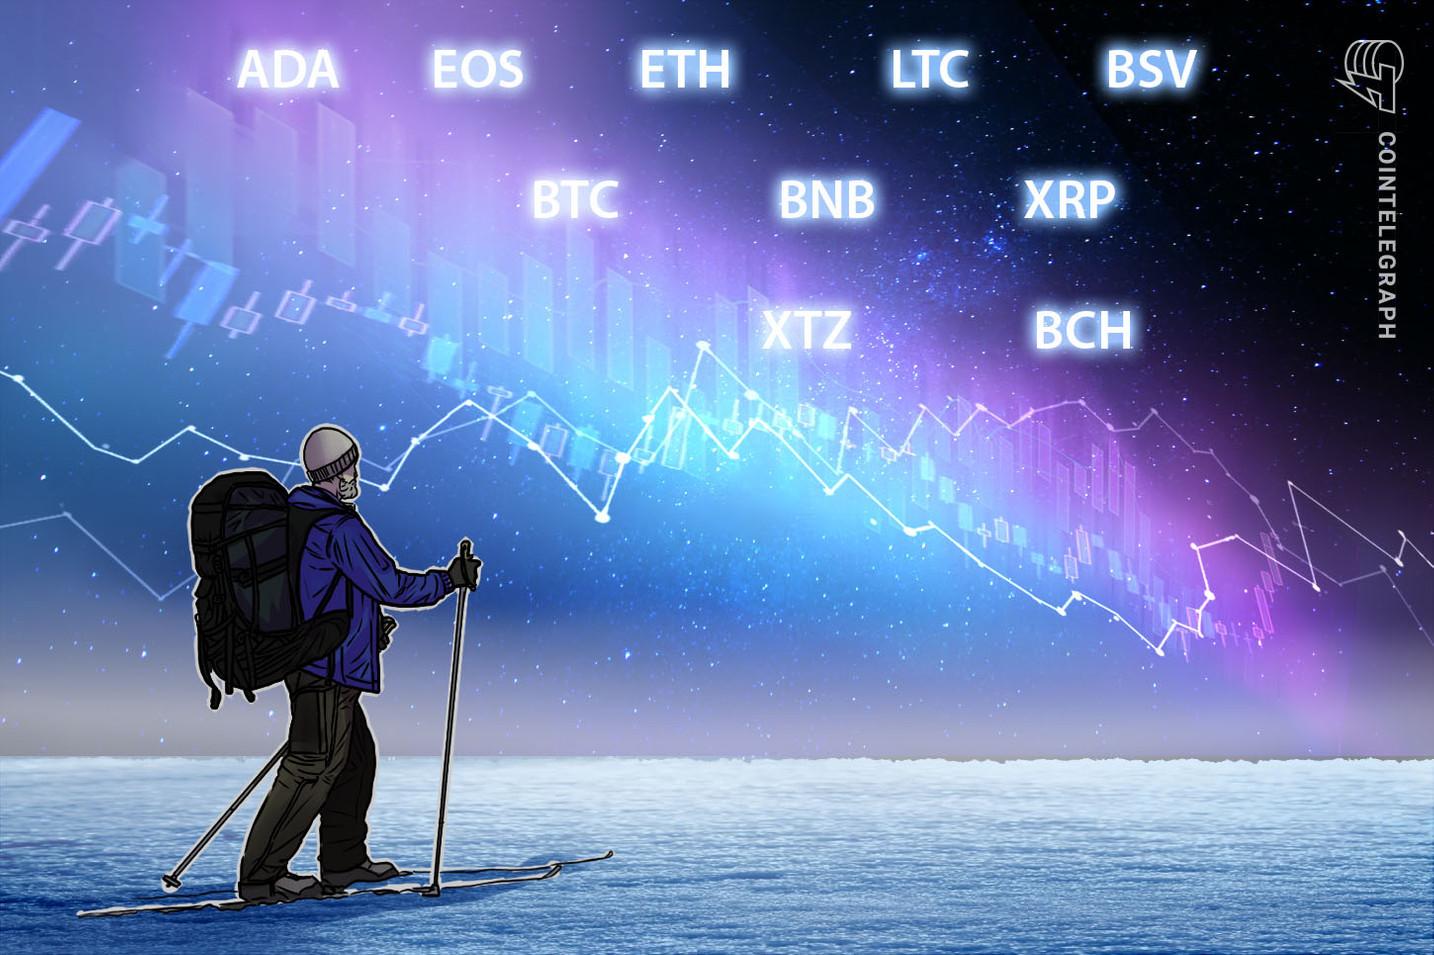 Análisis de precios del 5 de febrero: BTC, ETH, XRP, BCH, BSV, LTC, EOS, BNB, ADA, XTZ